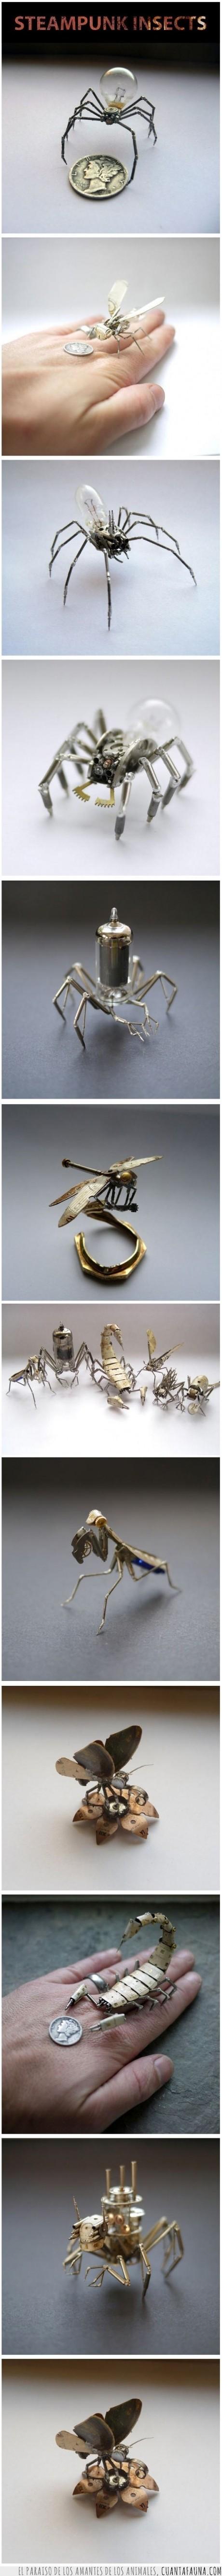 arte,bicho,insecto,steampunk